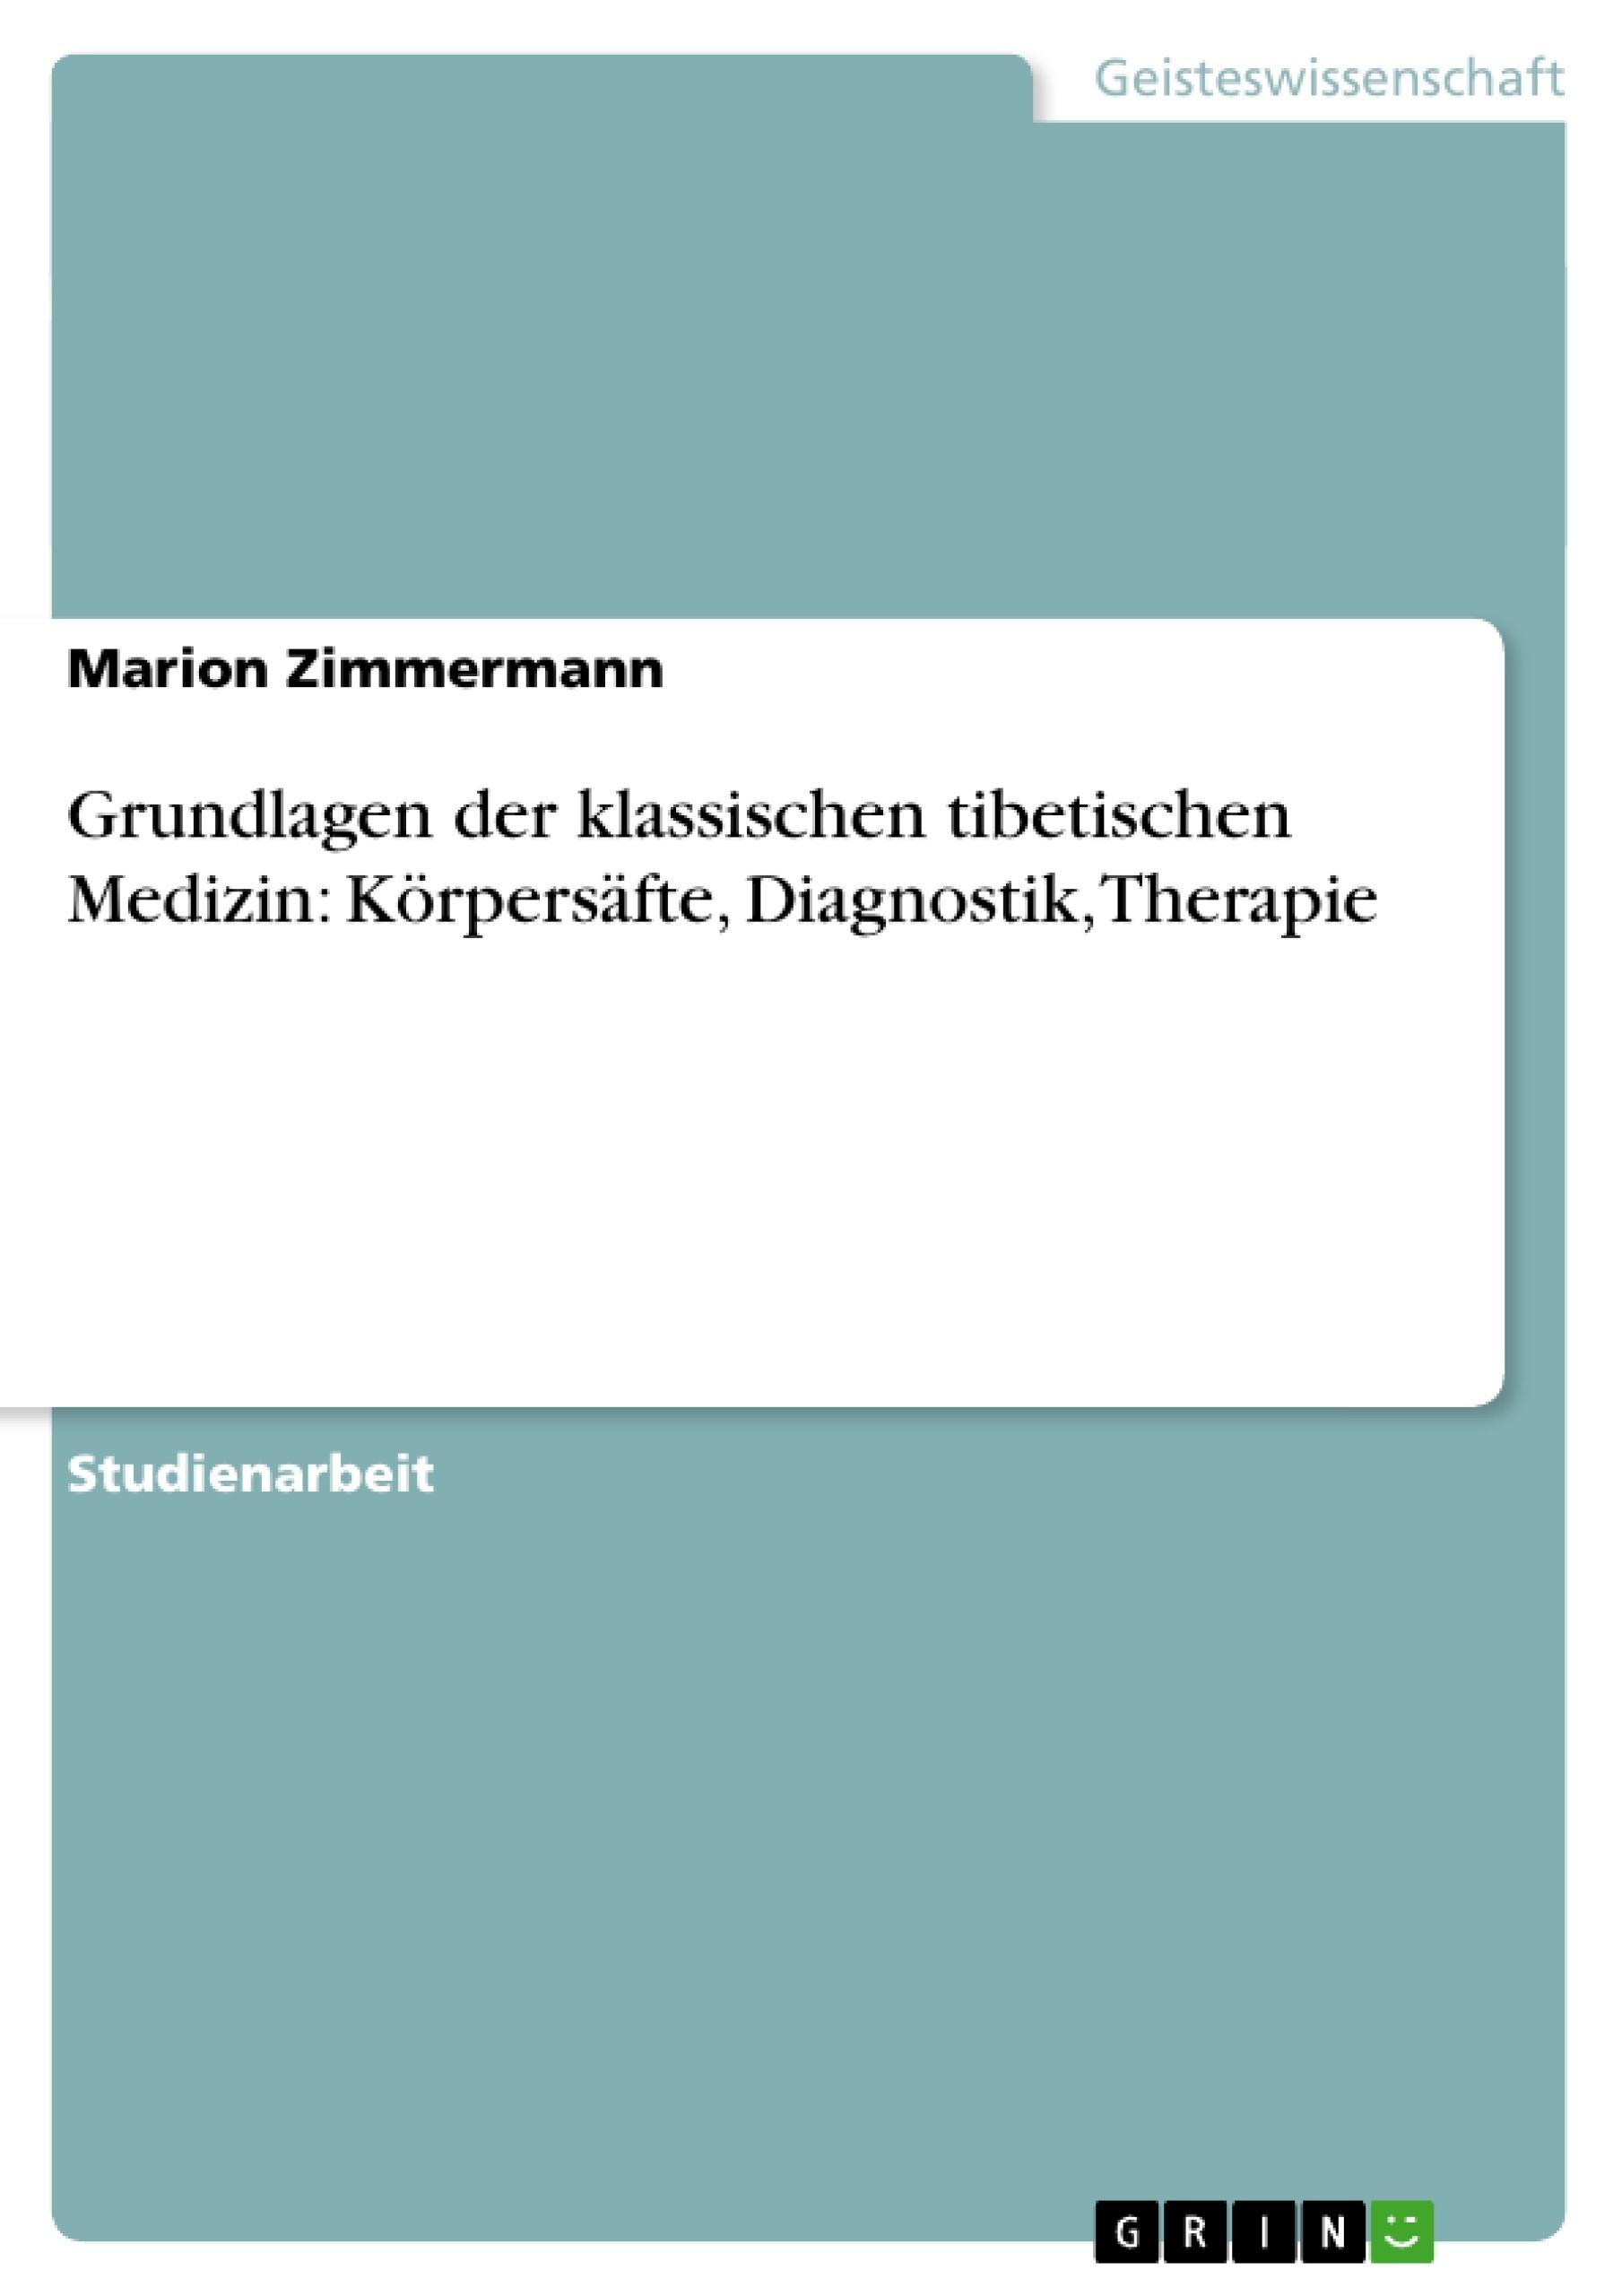 Titel: Grundlagen der klassischen tibetischen Medizin: Körpersäfte, Diagnostik, Therapie